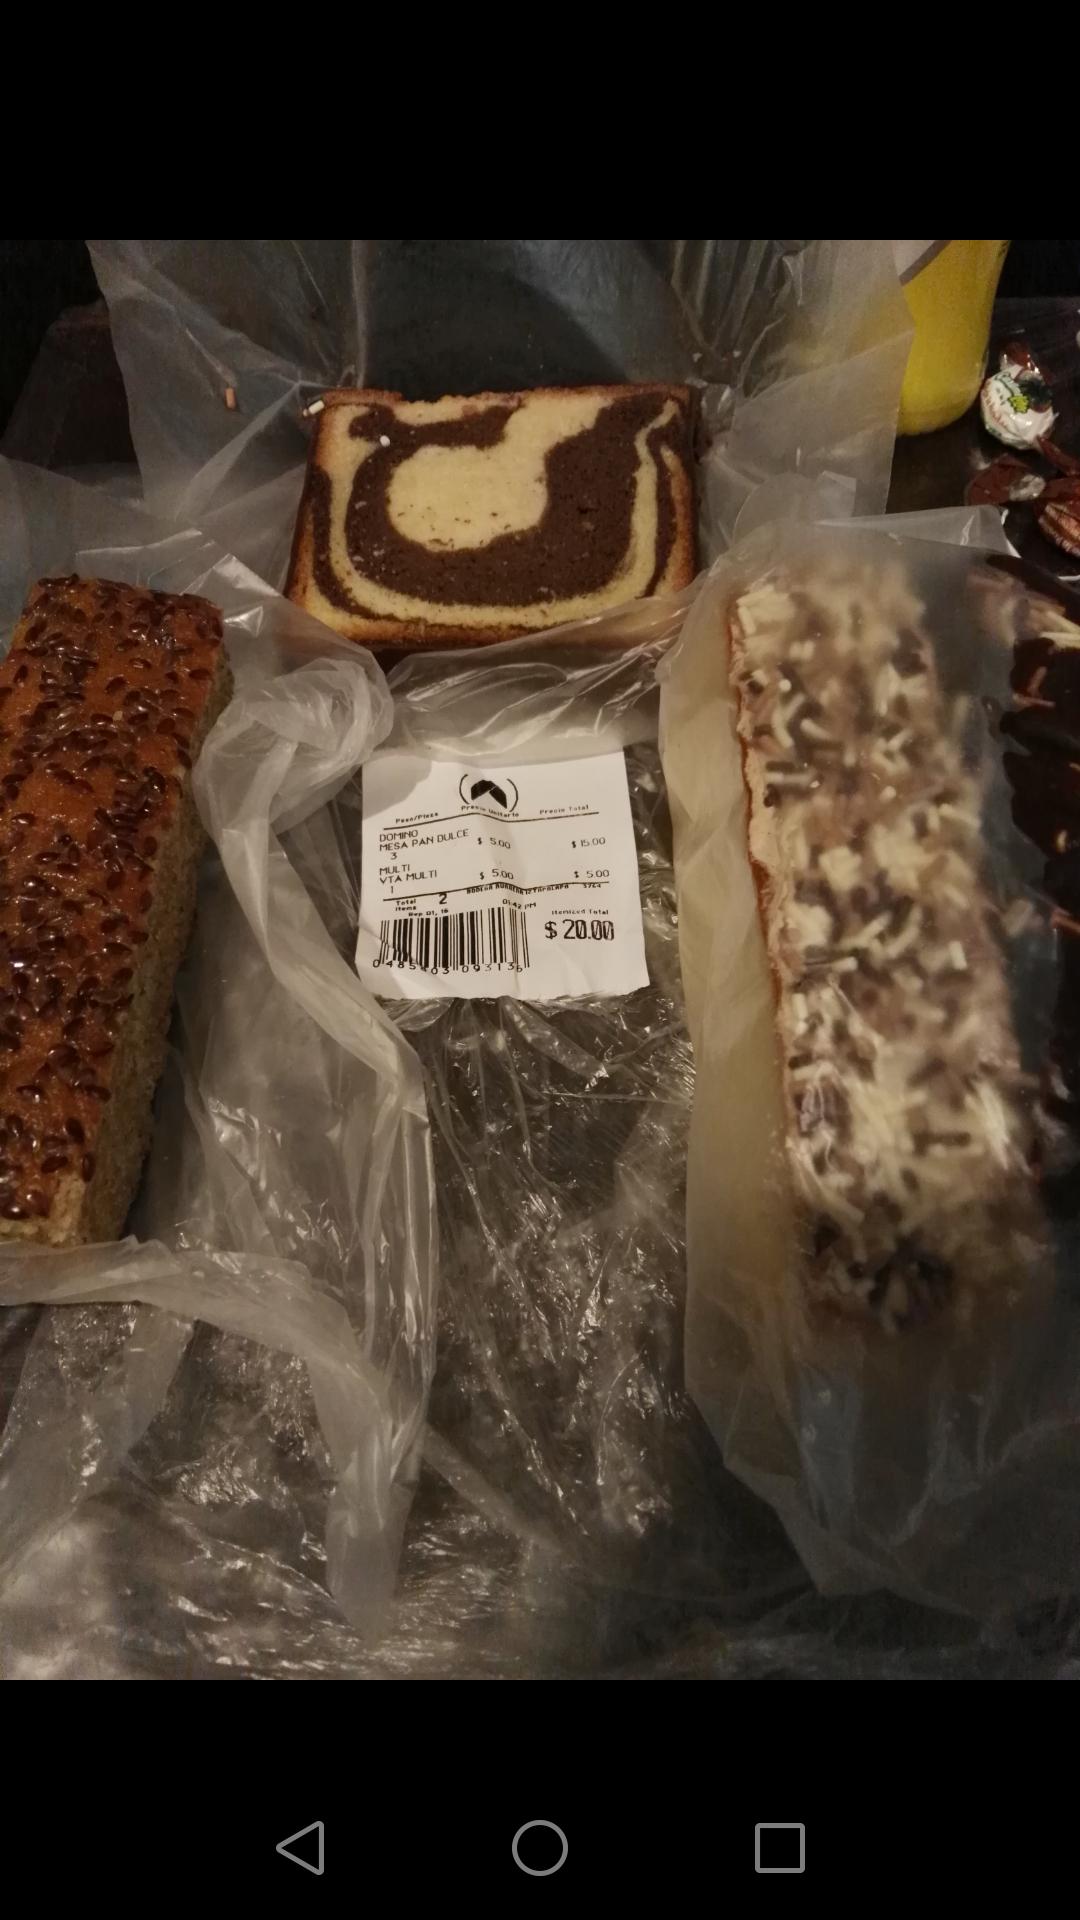 Bodega Aurrerá Atlalilco CDMX: temporada de dominos en Panadería, de $7 a $5 la pieza